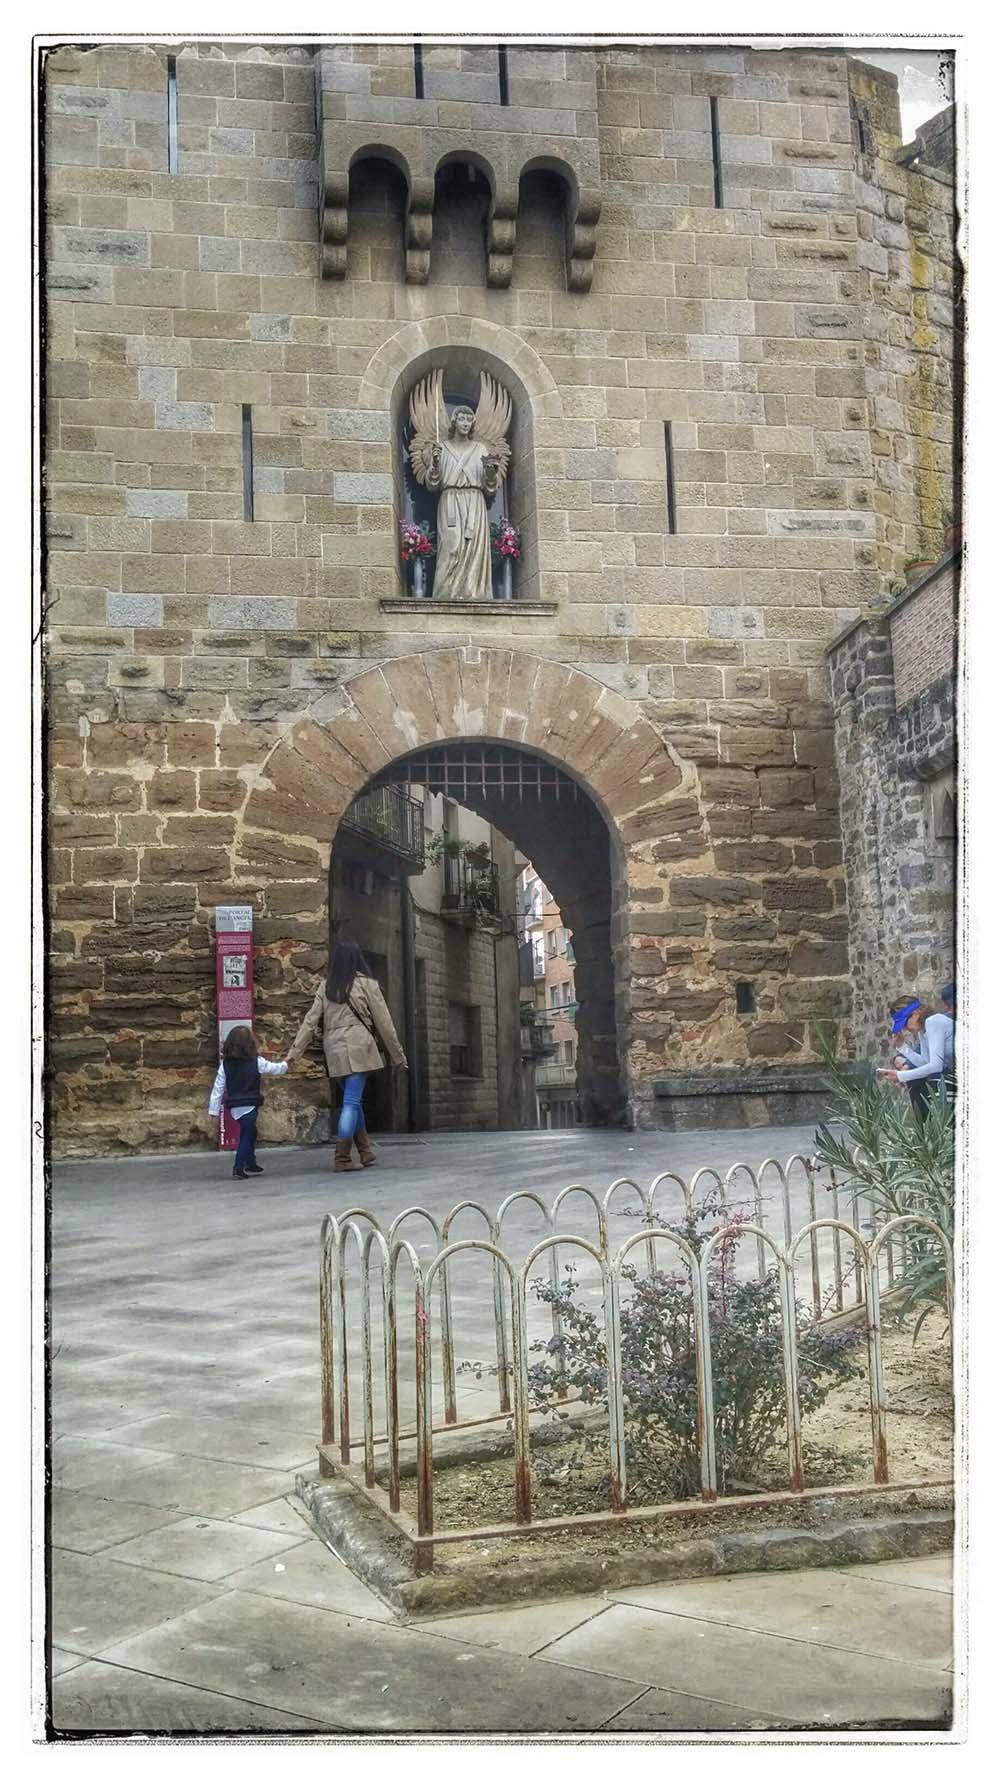 Espacio Muralla i portal de l'Àngel